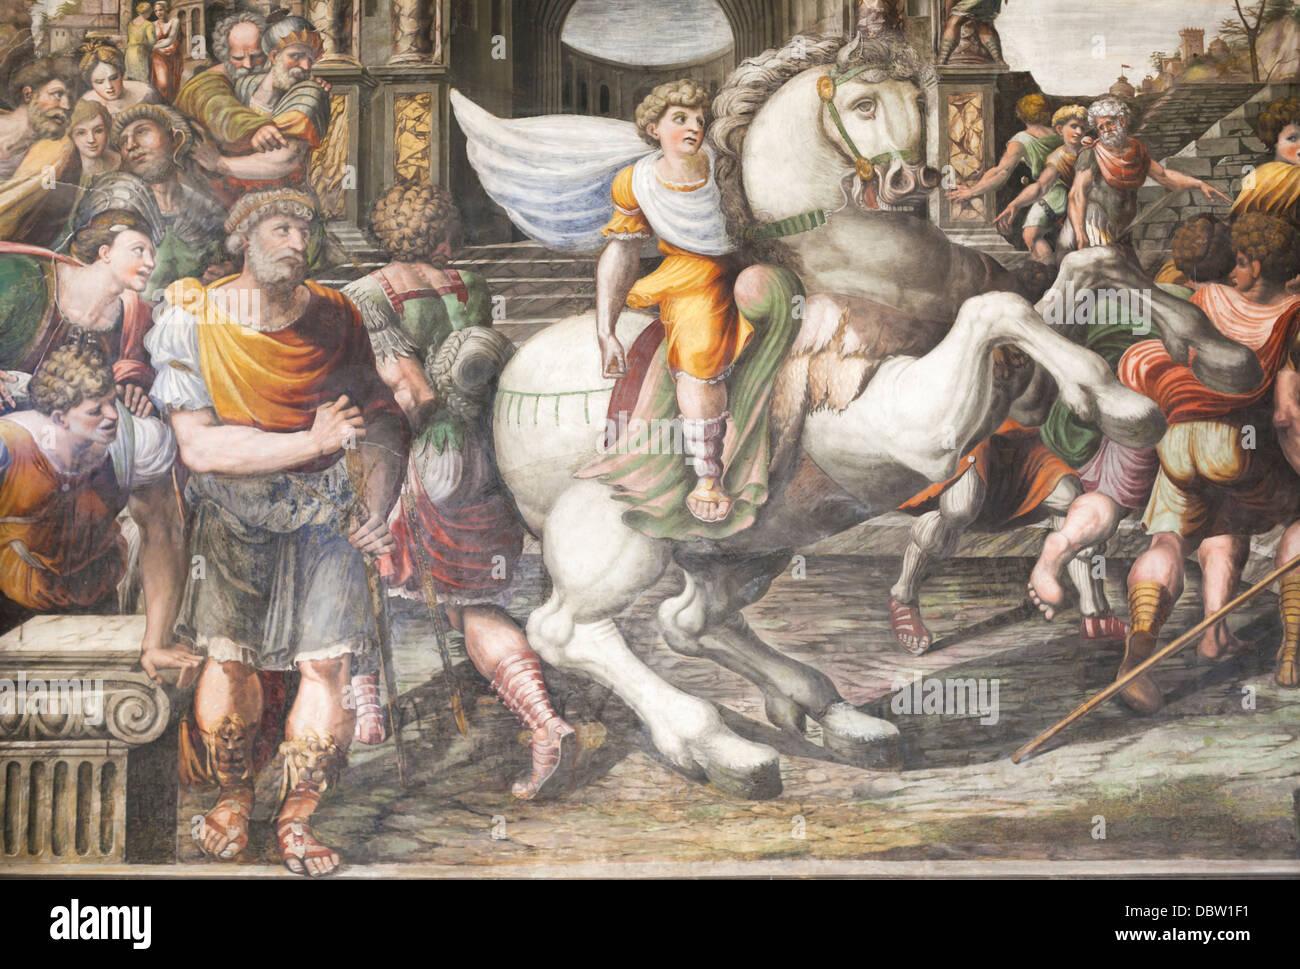 Alexander addomesticare Bucephalus, del Sodoma, affresco, Villa Farnesina, Roma, Italia Immagini Stock